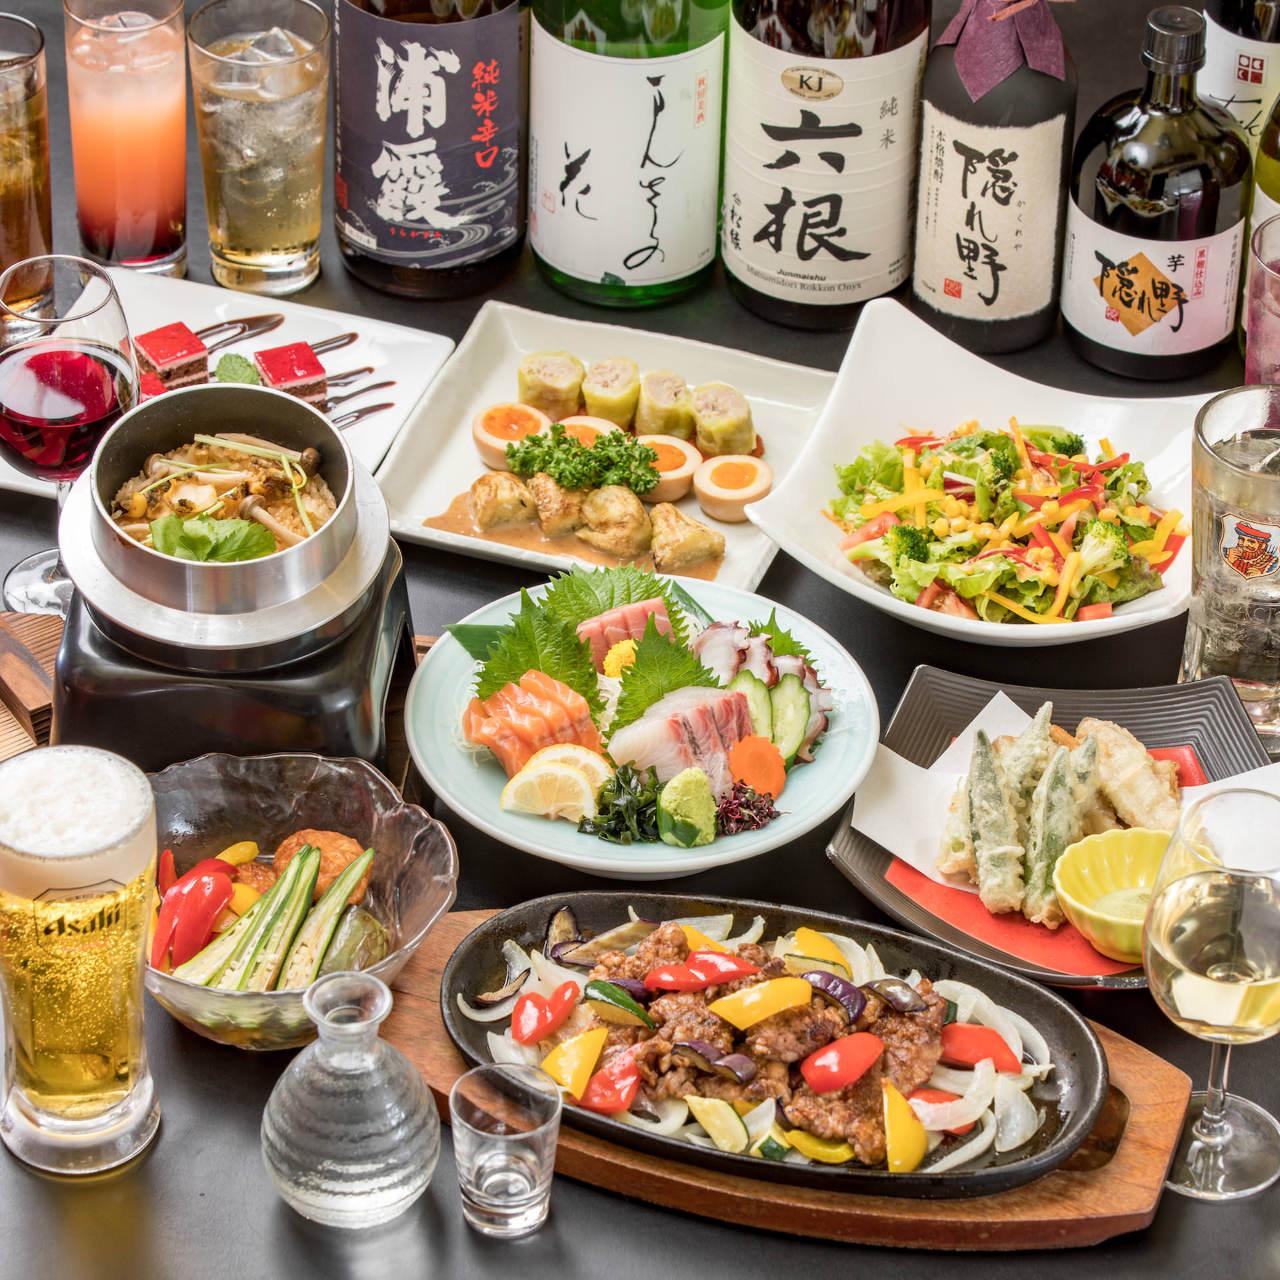 【隠れ野 渋谷】の宴会コース